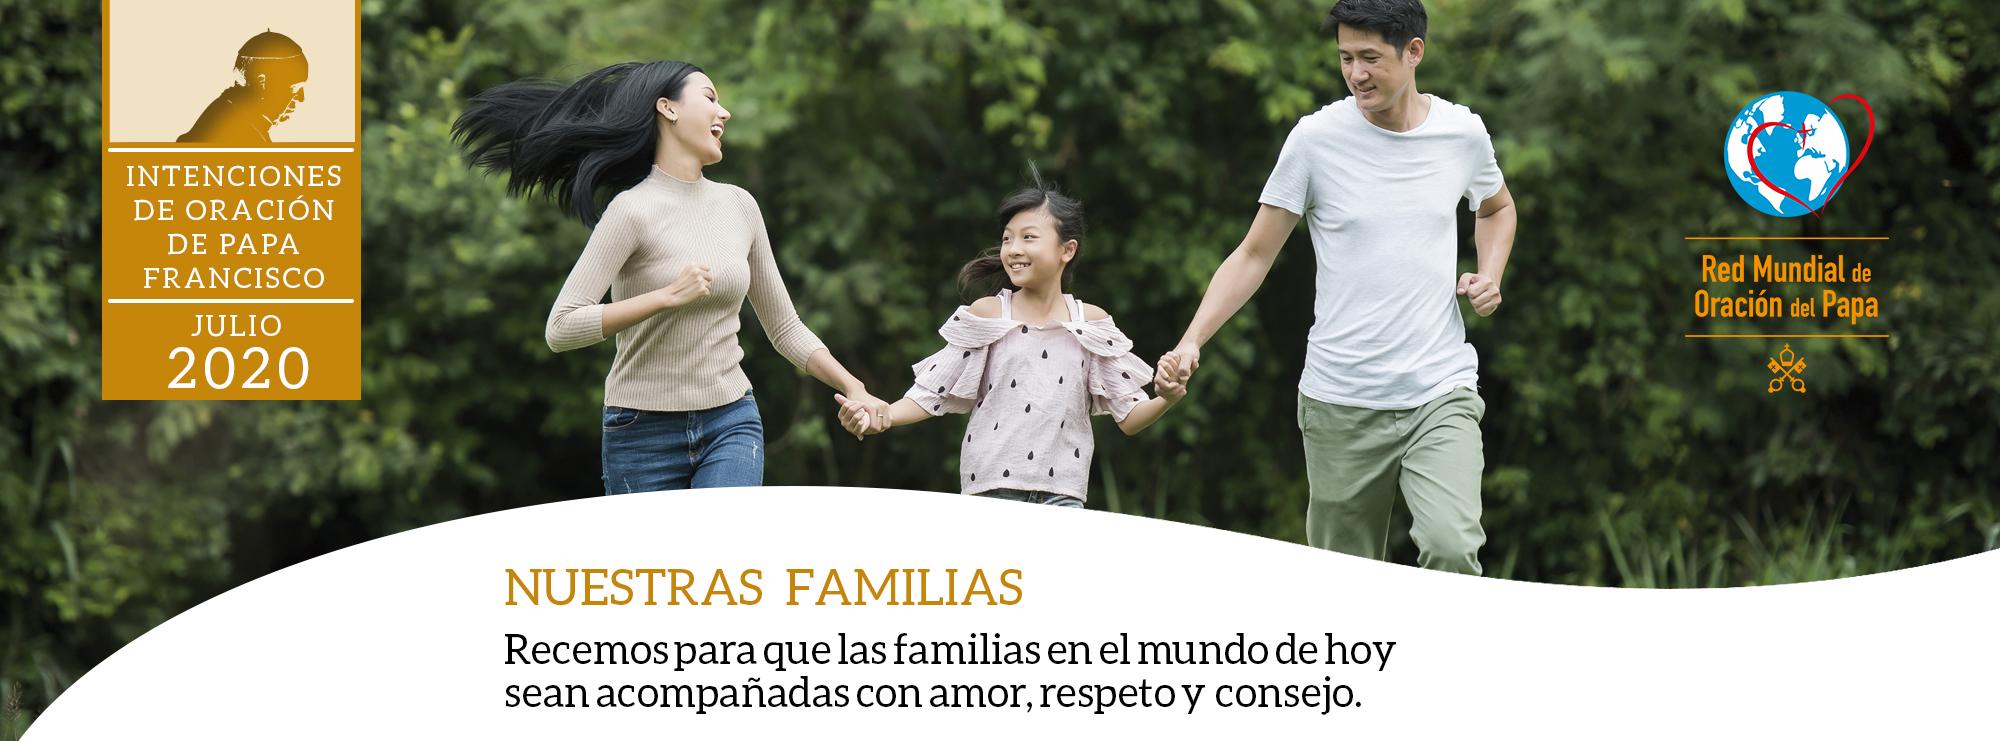 intenciones del papa francisco julio nuestras familias